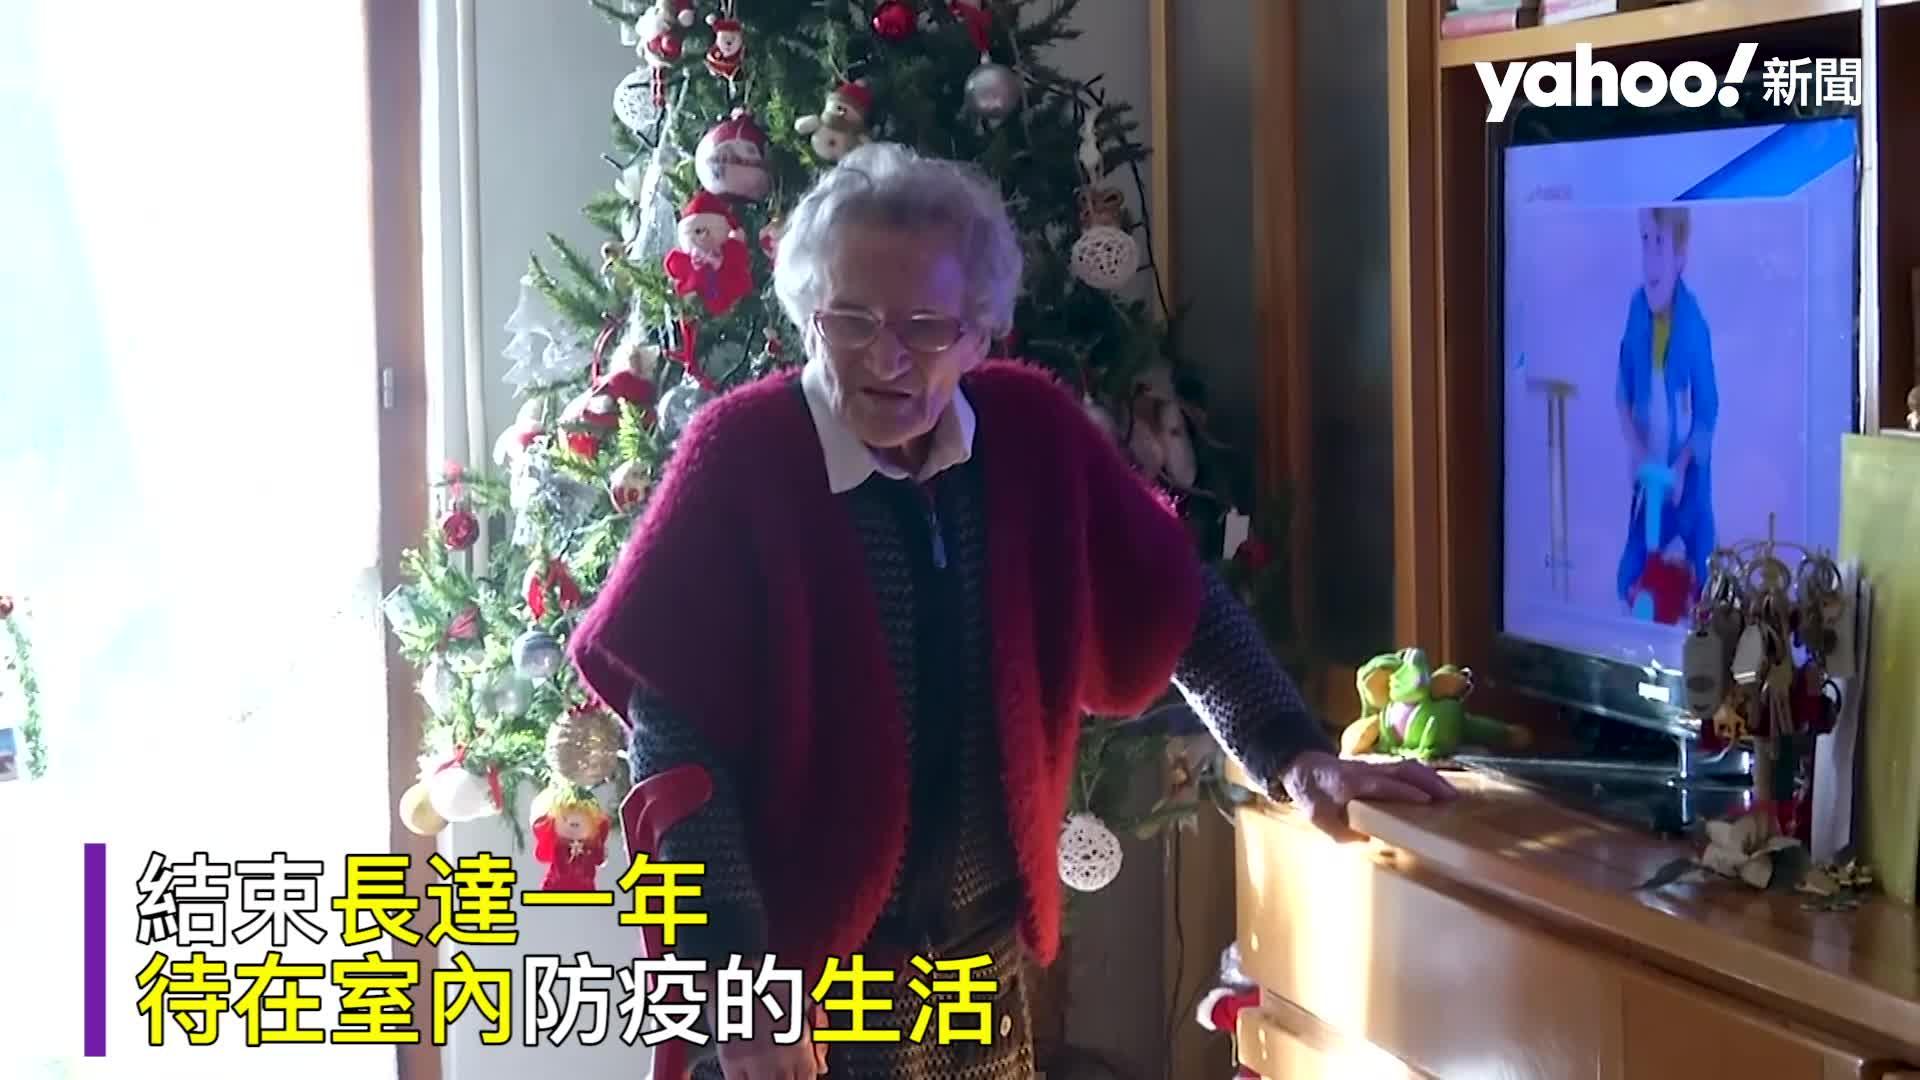 經歷三次世界之疫 兩次大戰 義堅強109歲老婦盼疫情寒冬快過